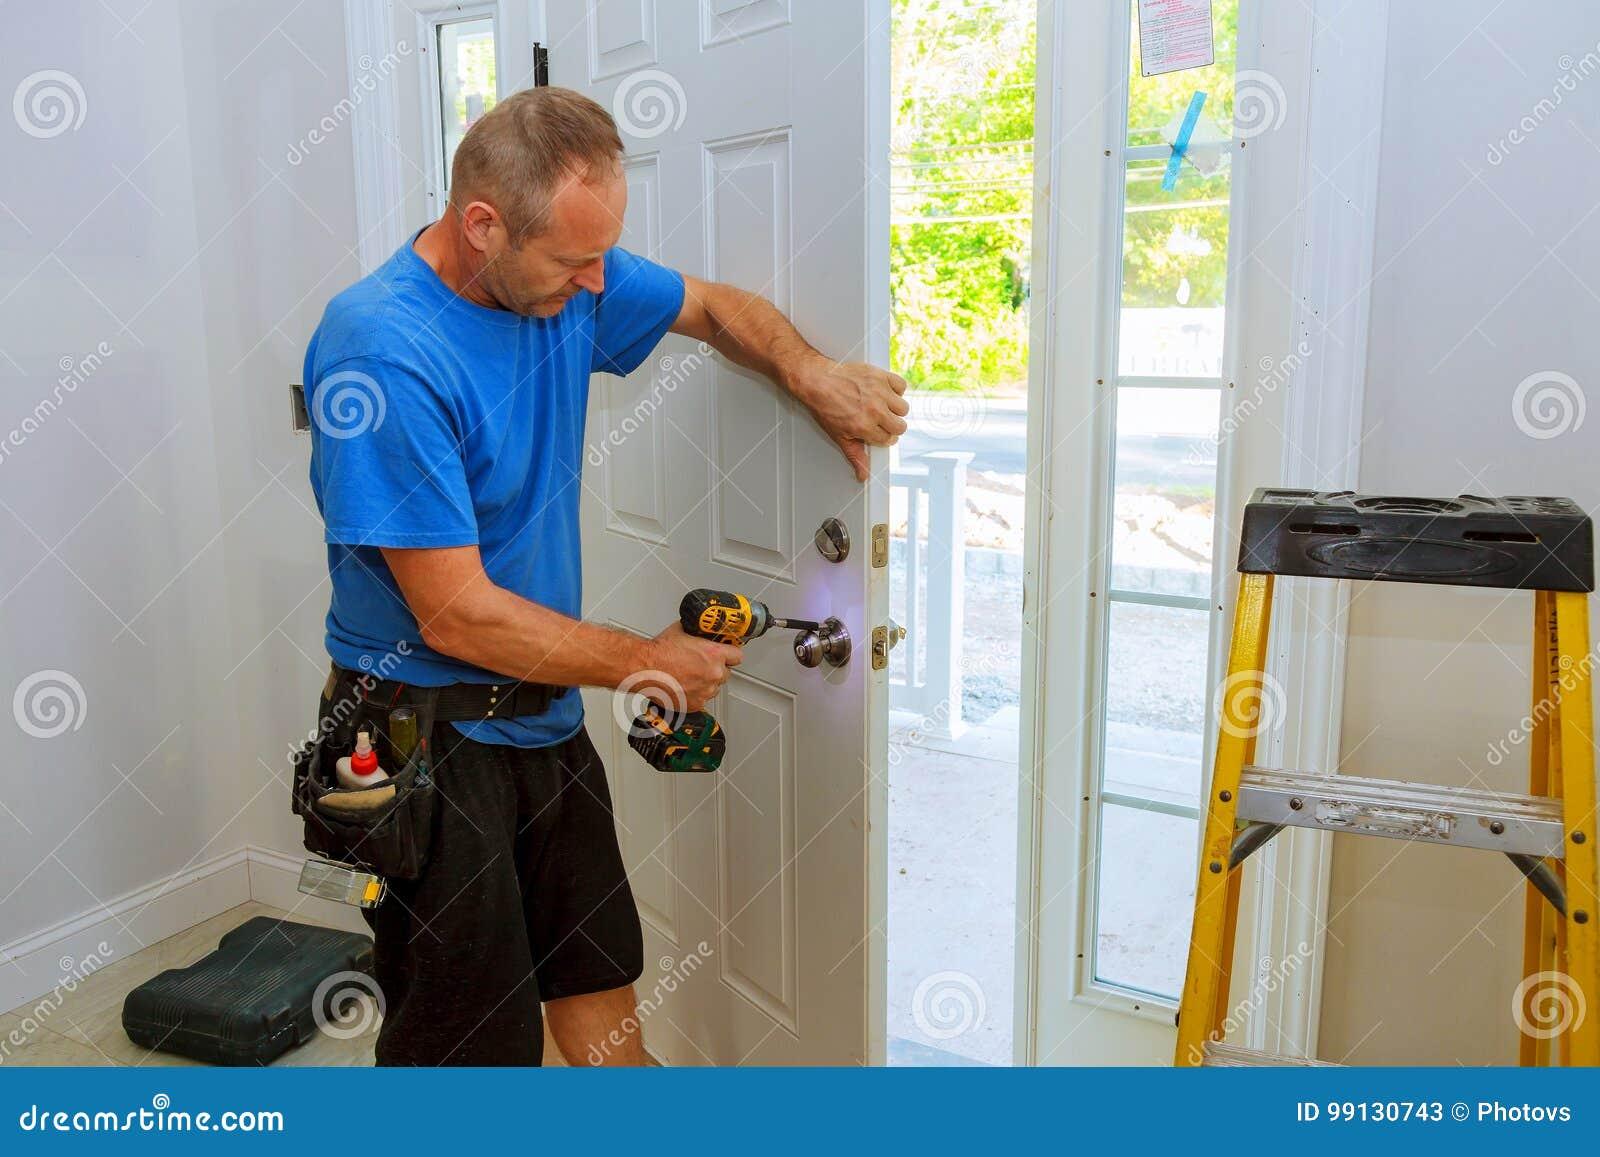 Mão & x27; o homem de s com chave de fenda instala o botão de porta